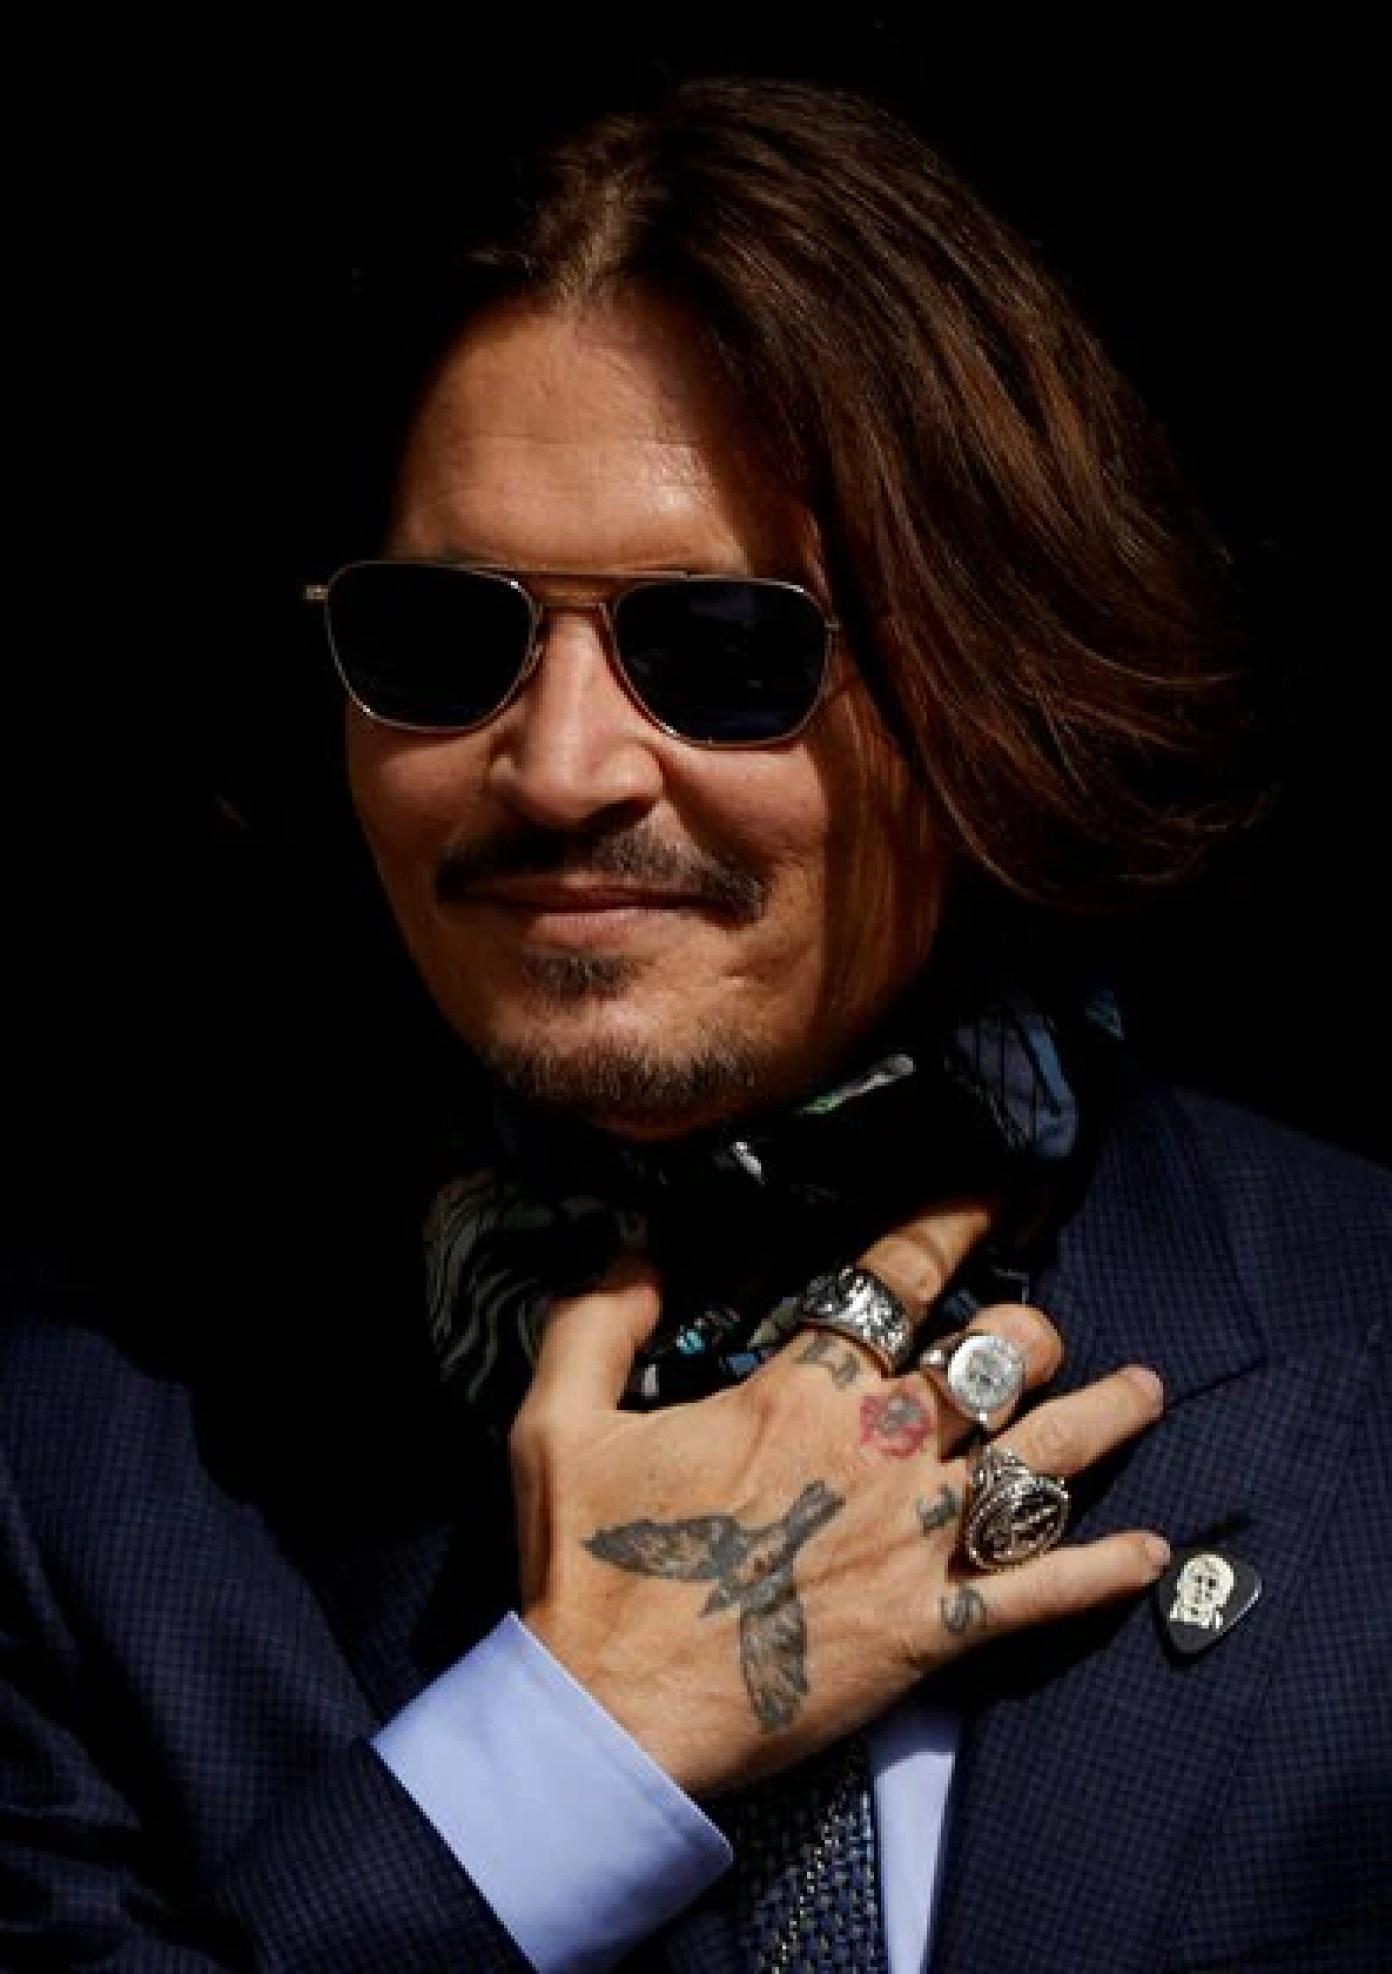 Johnny Depp a su arribo en la corte de Londres este viernes 24 de julio Foto: (REUTERS/John Sibley)